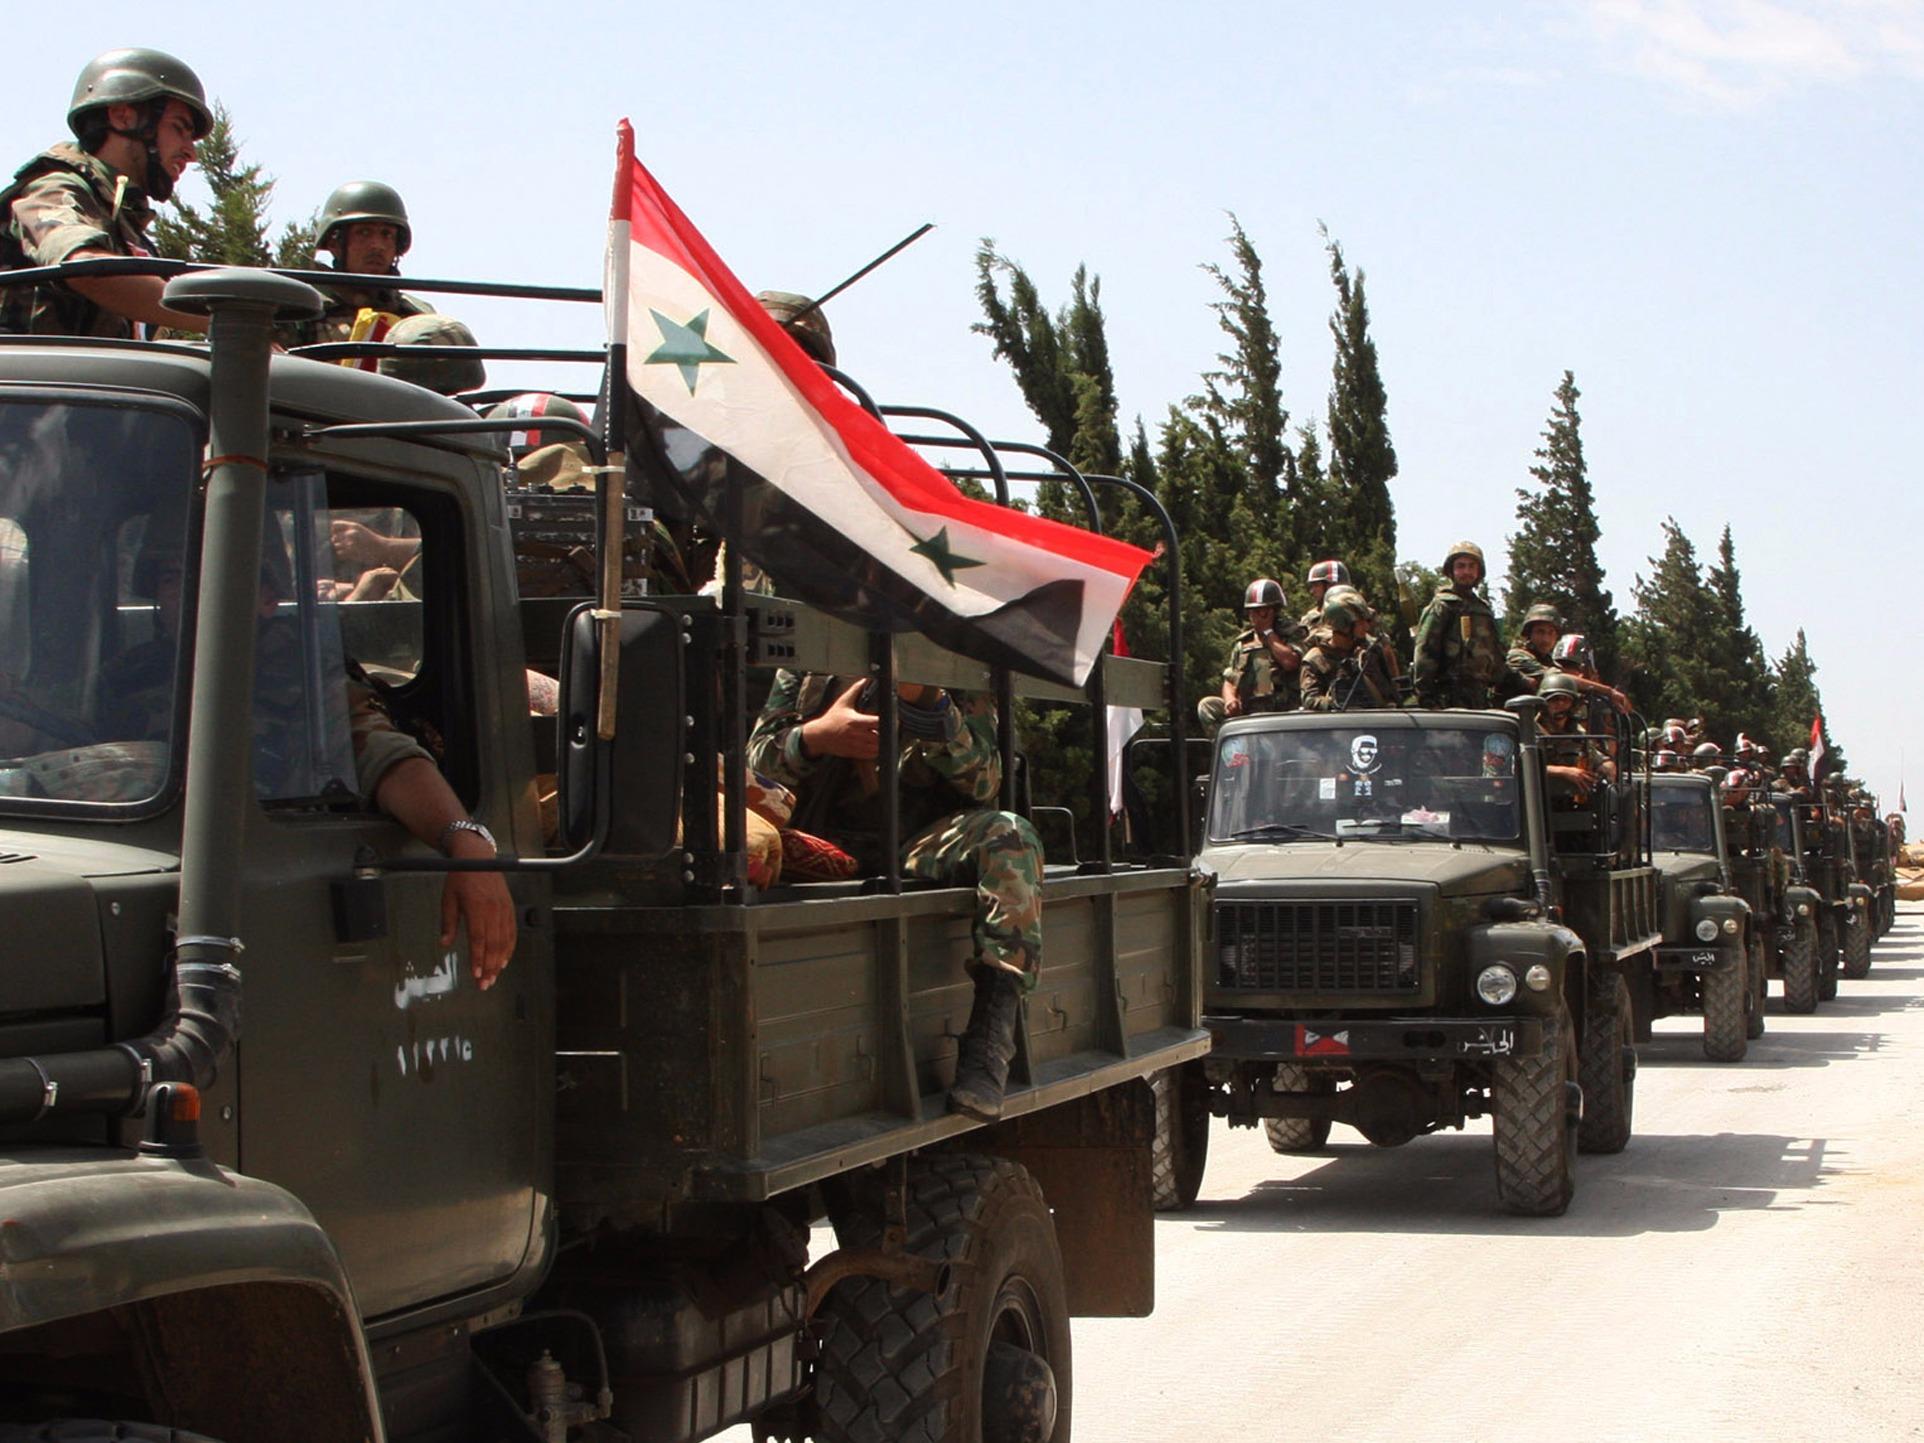 Suriye, cihatçı çetelere karşı ilerleyişini sürdürüyor